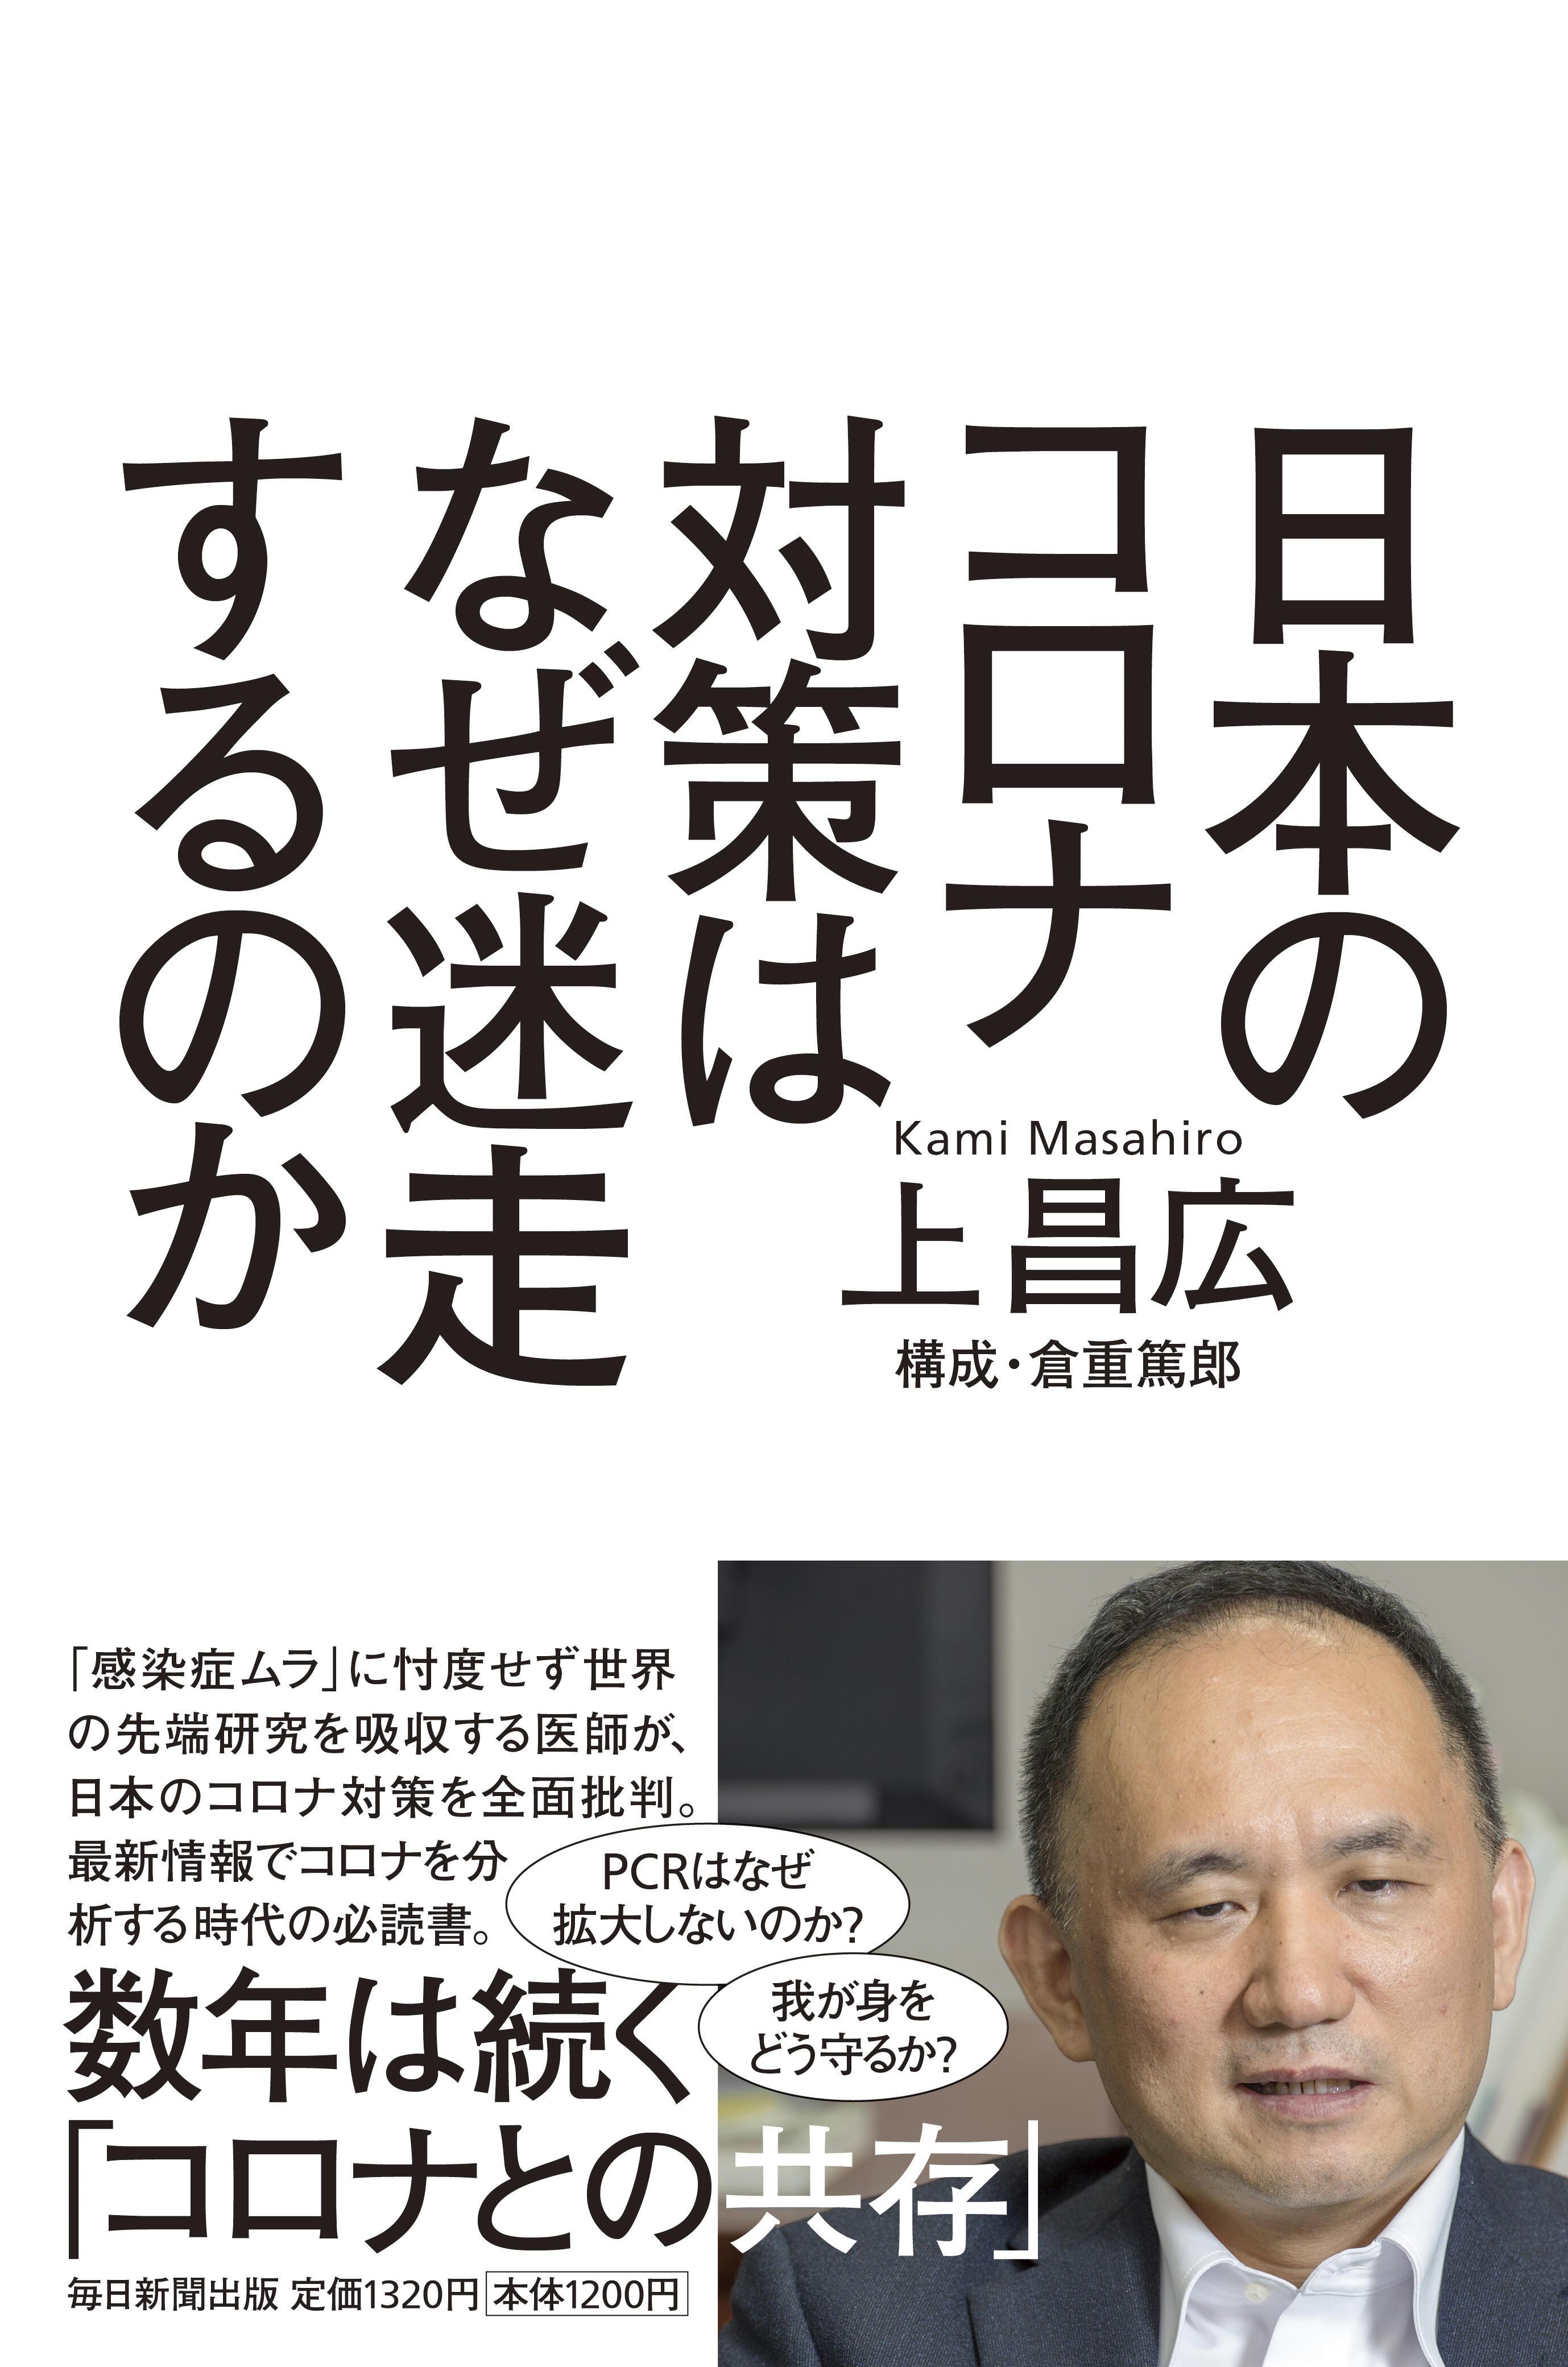 書影:日本のコロナ対策はなぜ迷走するのか